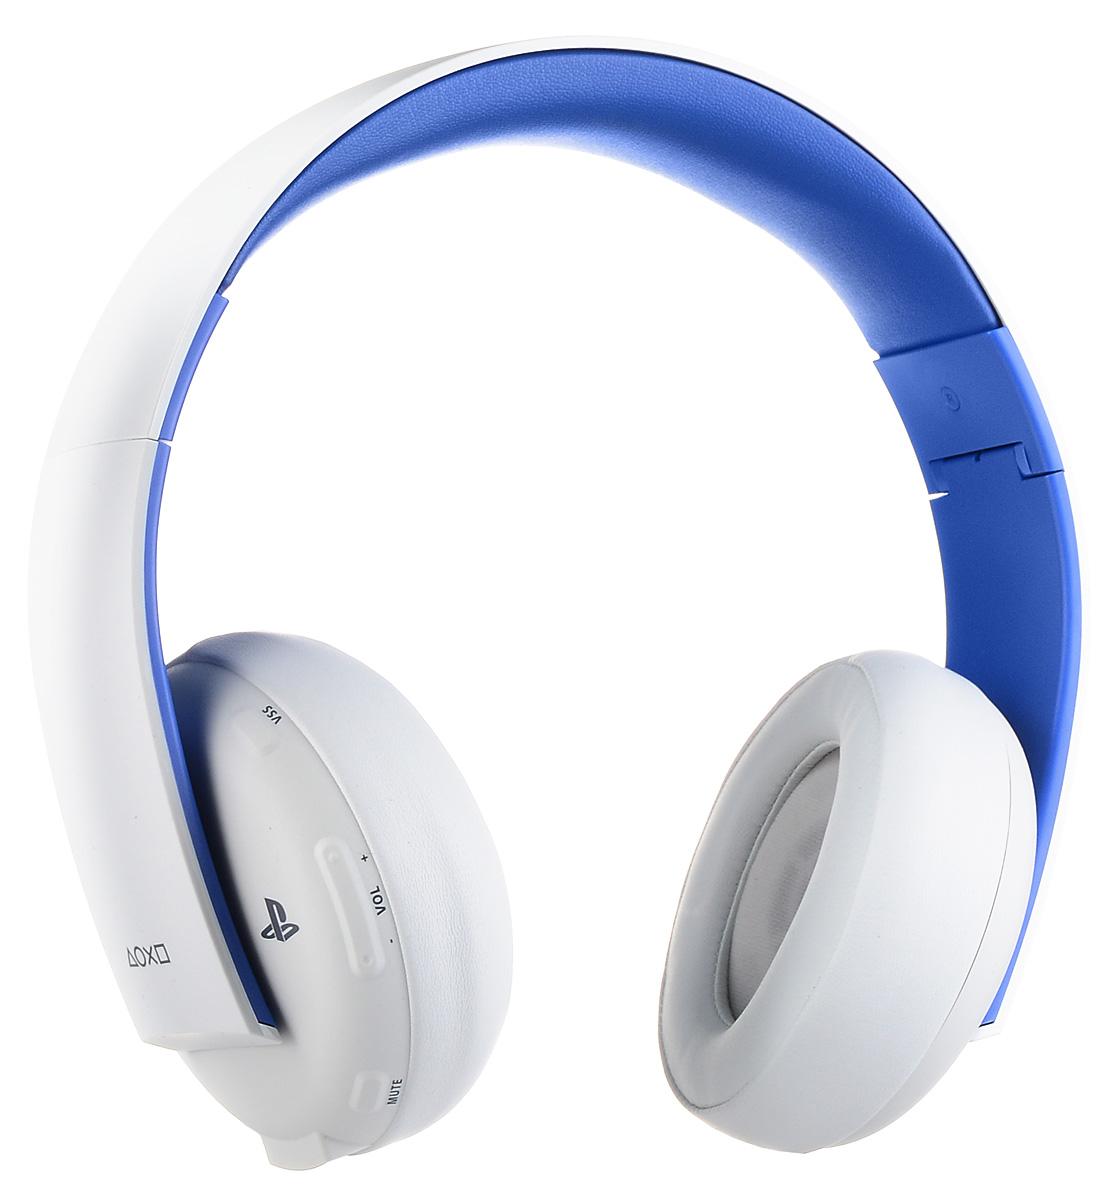 Sony PlayStation Беспроводная стереогарнитура 2.0 для PS4 / PS3 / PS Vita, WhiteCECHYA-0083Наслаждайтесь насыщенным динамичным звуком дома, используя беспроводную гарнитуру с PlayStation 3 или PlayStation 4, или в дороге, подключив гарнитуру к PlayStation Vita или другому мобильному устройству. Общайтесь с друзьями и отдавайте приказы своей команде, используя высококачественный встроенный микрофон с системой шумоподавления. Обнаруживайте врагов по звуку и наслаждайтесь мощью взрывов с великолепной системой виртуального объемного звучания 7.1 (только на PS3 и PS4). Используйте предустановленные режимы прослушивания для игр, кино и музыки, а также дополнительные режимы, доступные во вспомогательном приложении для гарнитуры для PS3 и PS4 (приложение можно загрузить из PlayStation Store). Использовать гарнитуру в дороге очень удобно - благодаря складной конструкции и восьми часам работы от аккумулятора. Удобный интерфейс позволяет видеть все важные параметры - например, уровень громкости микрофона, - на экране телевизора. ...